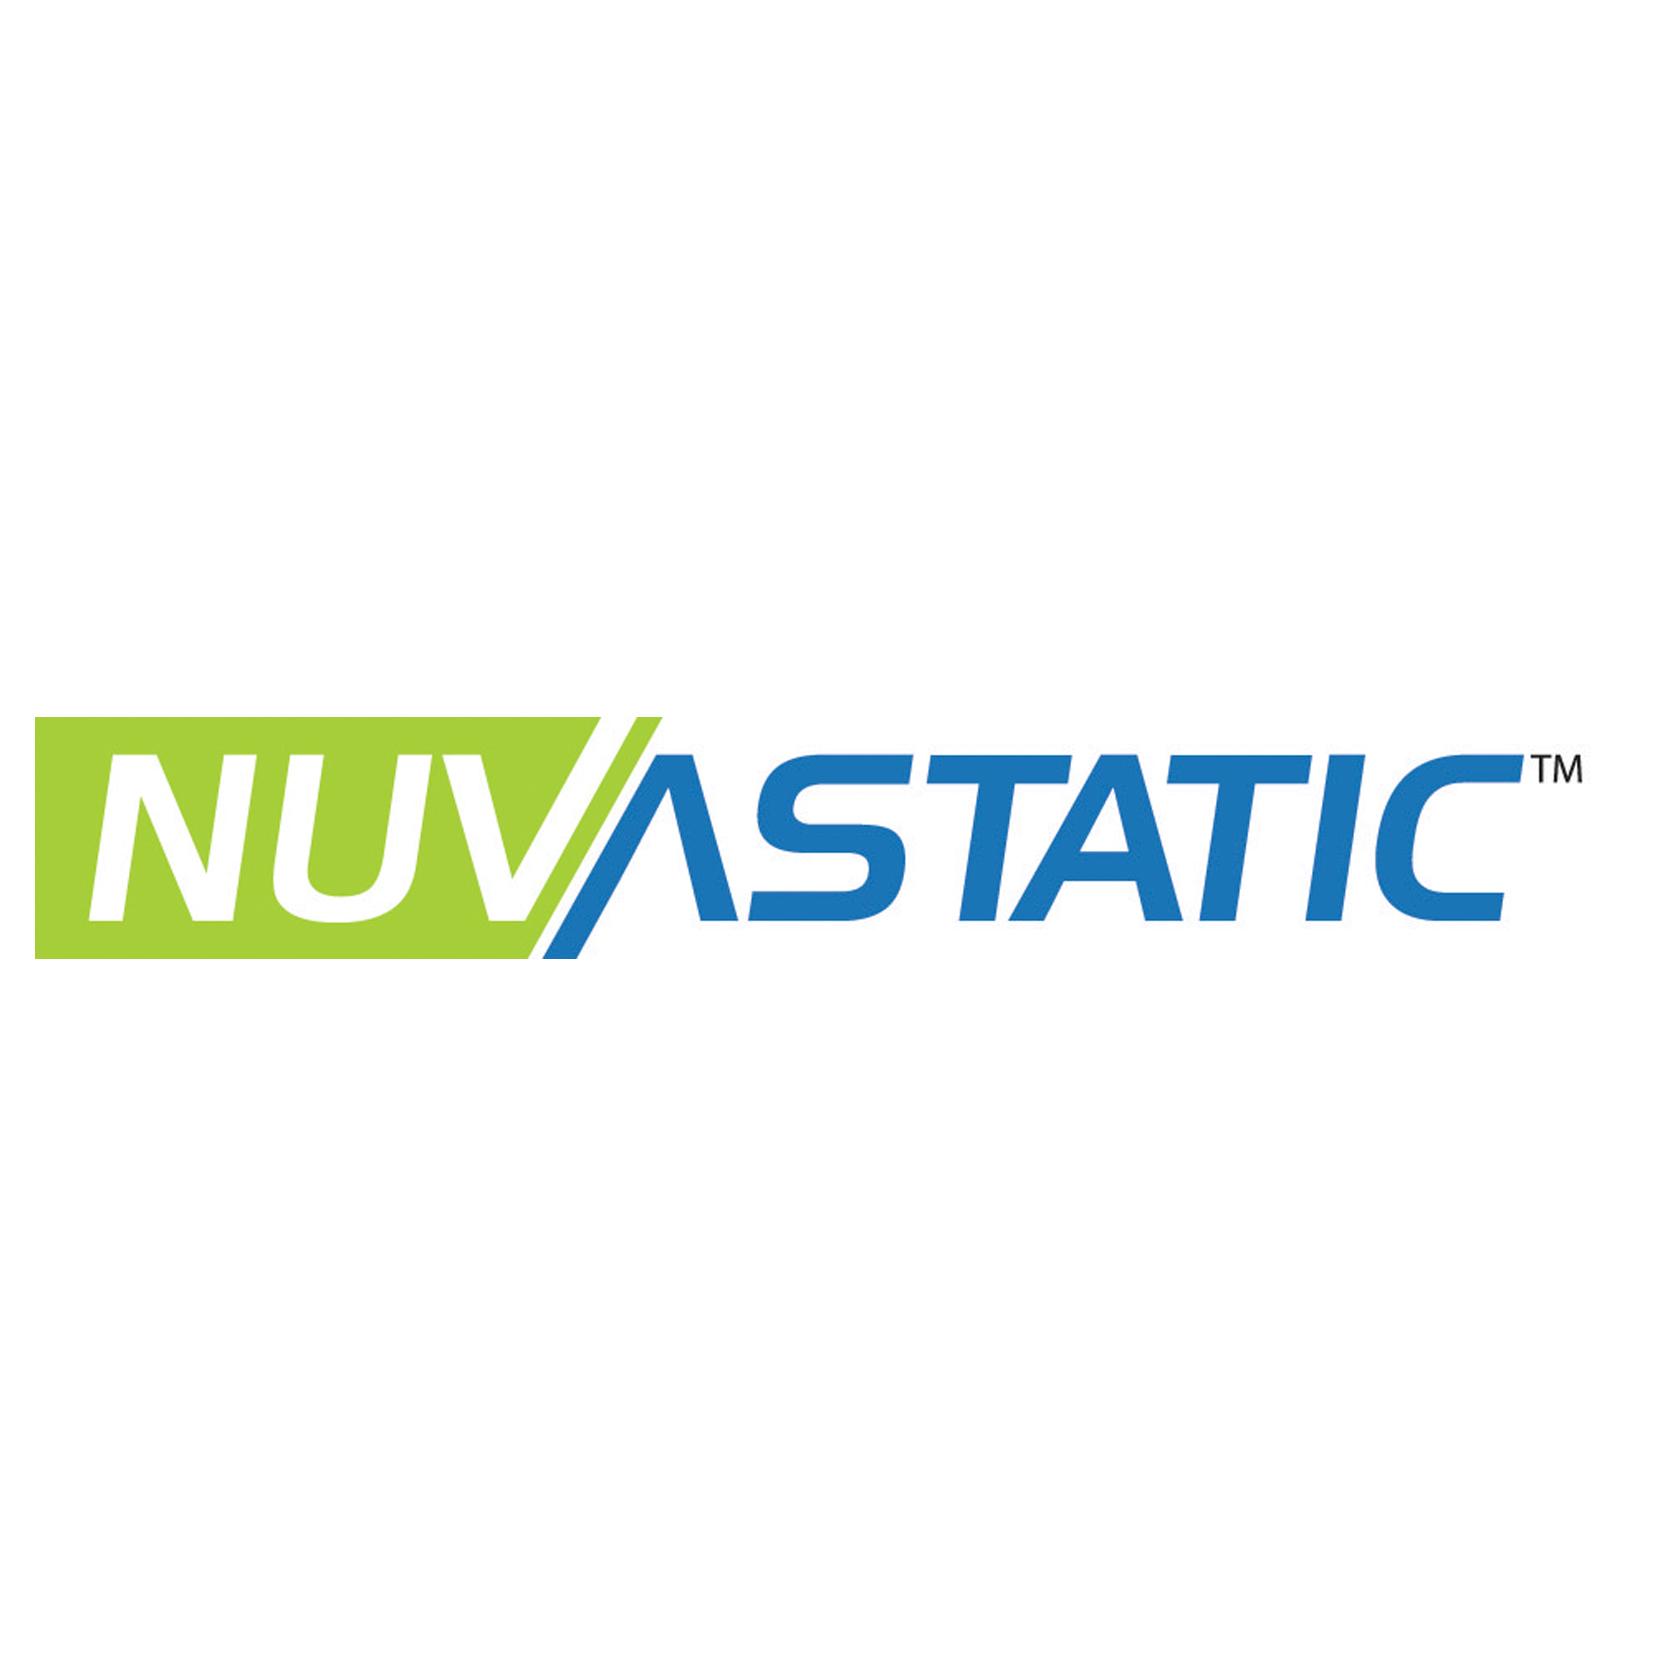 NUVASTATIC